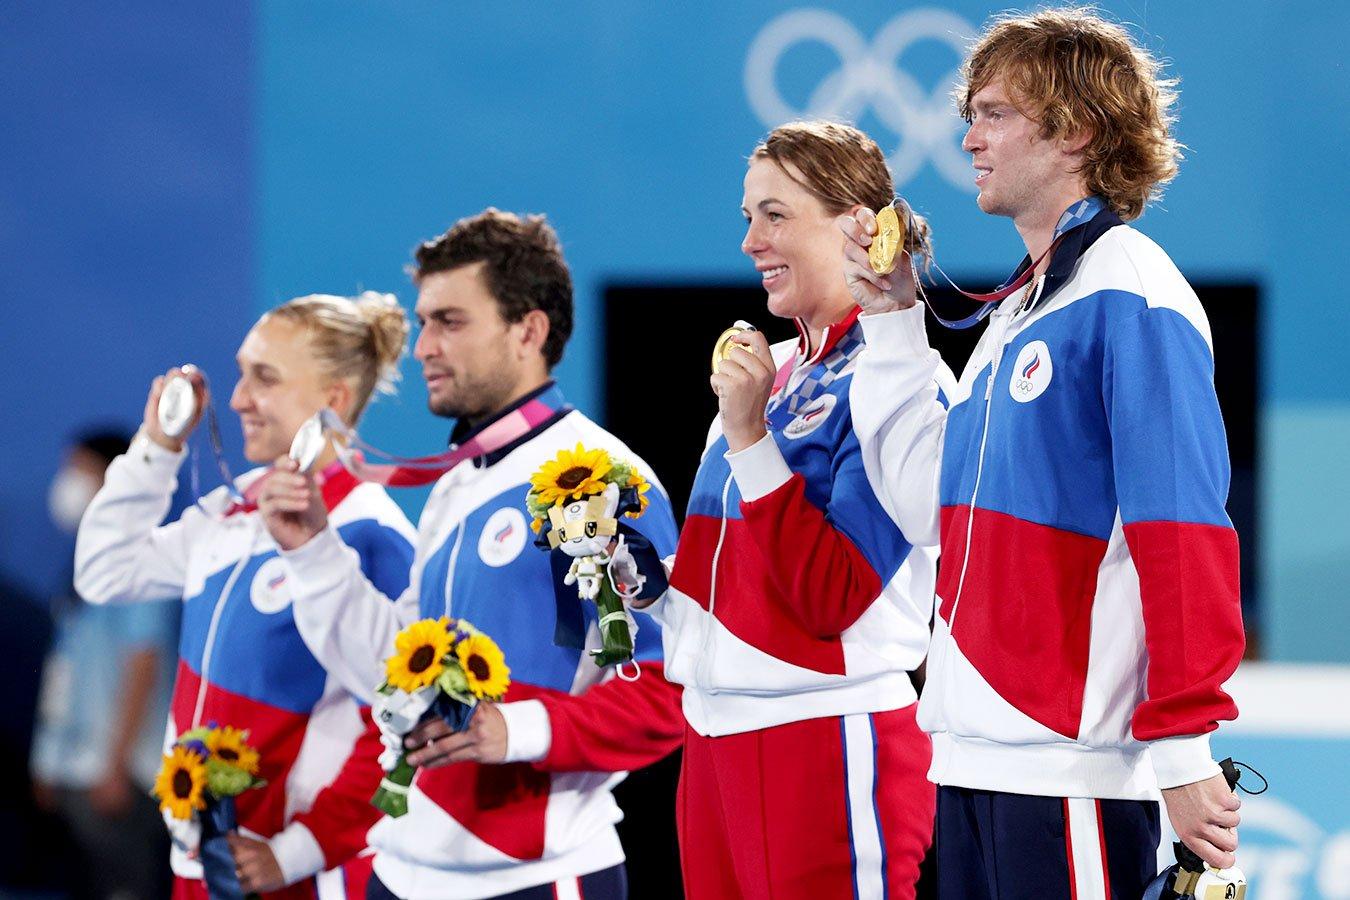 МОК не обнаружил положительных допинг-тестов у российских спортсменов на Олимпиаде-2020